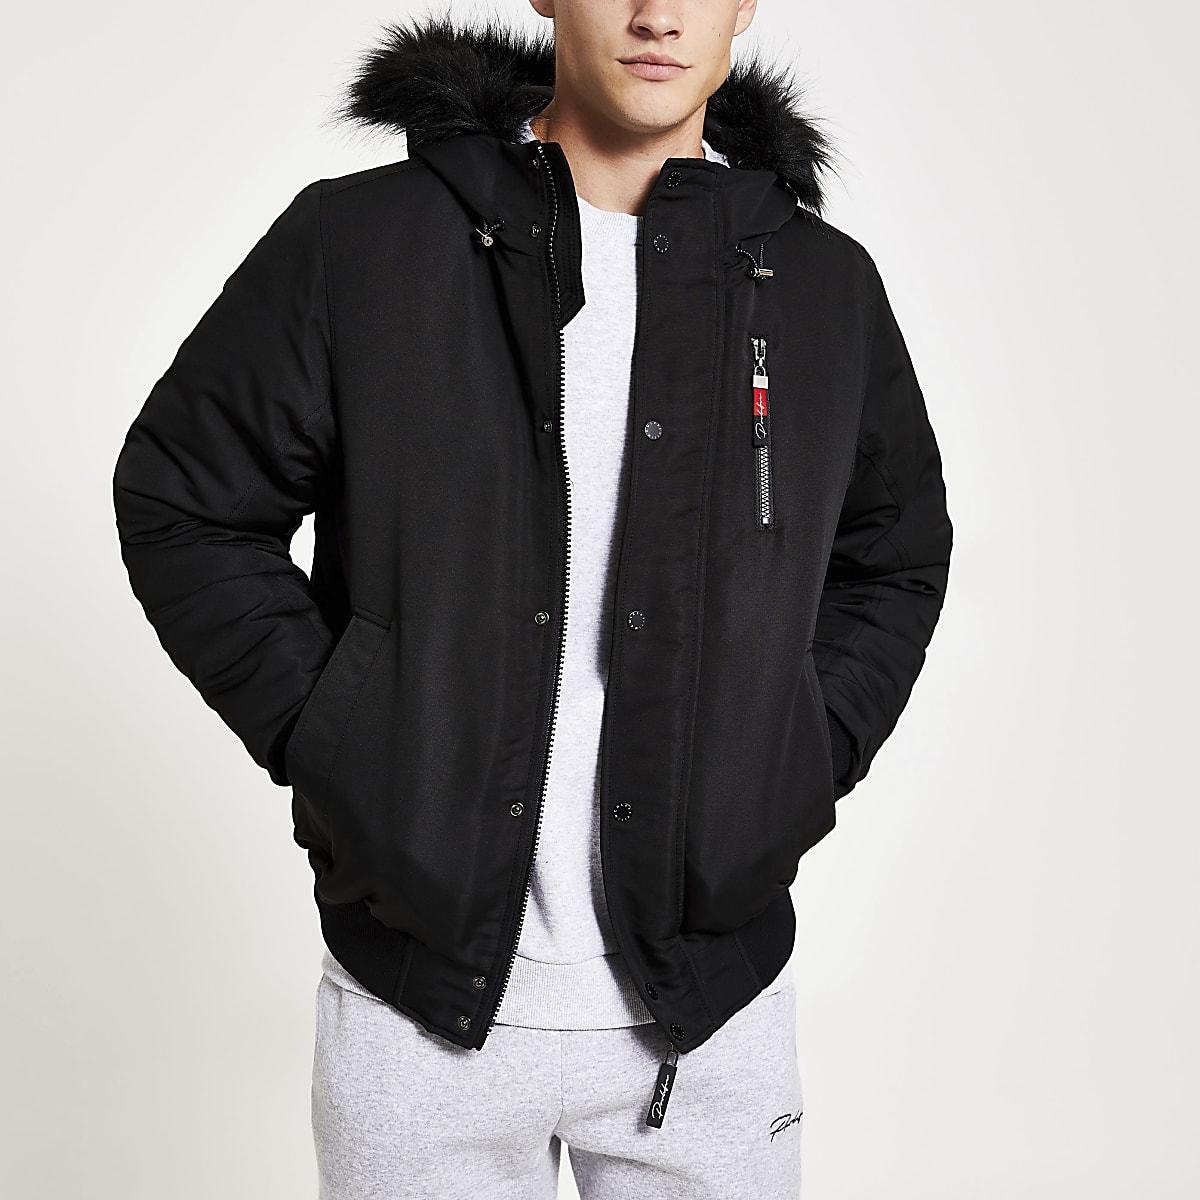 Prolific - Zwarte gewatteerde jas met capuchon met rand van imitatiebont